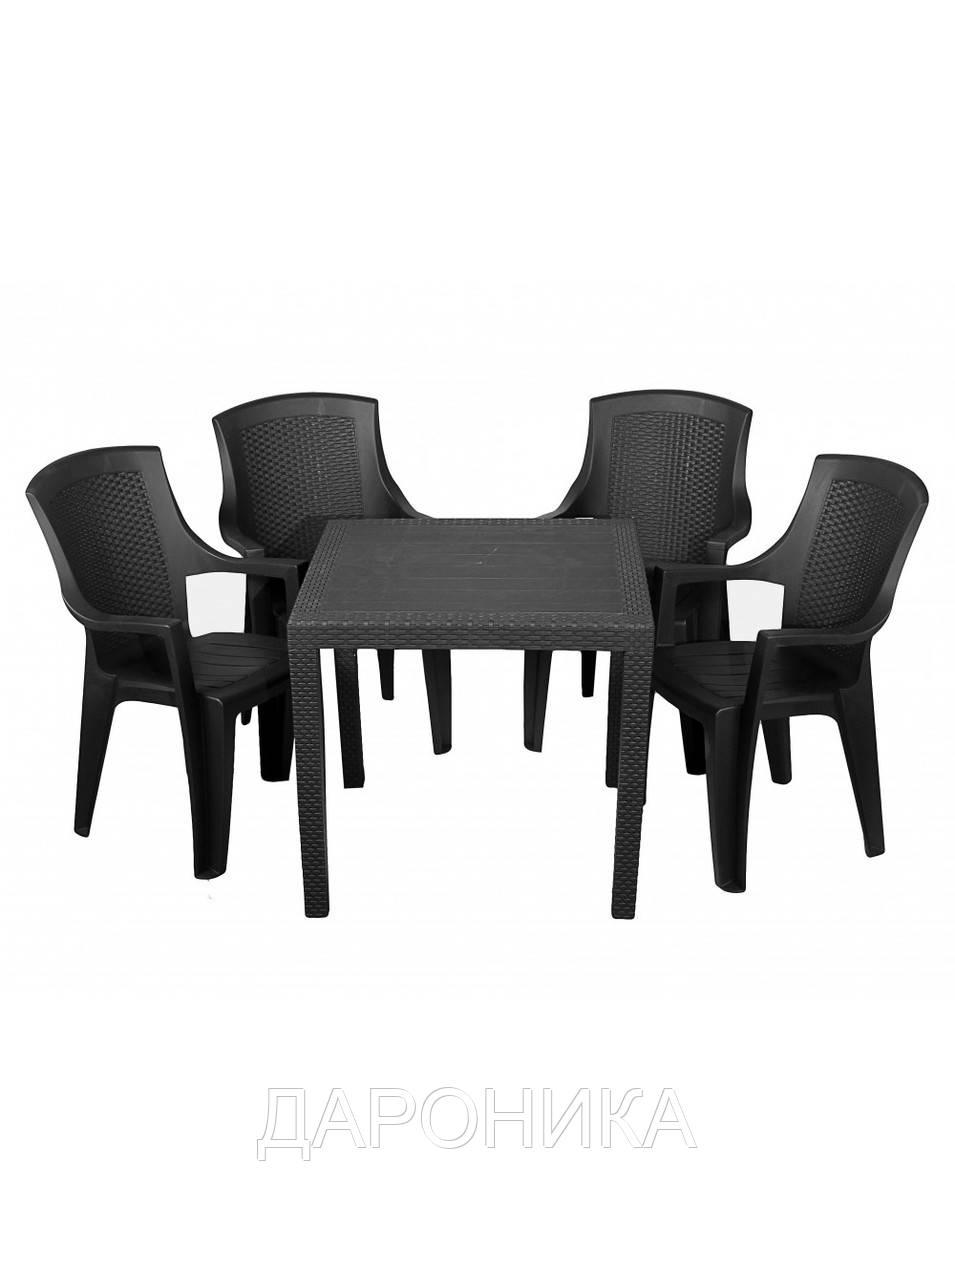 Комплект садовой мебели King Eden 4 антрацит